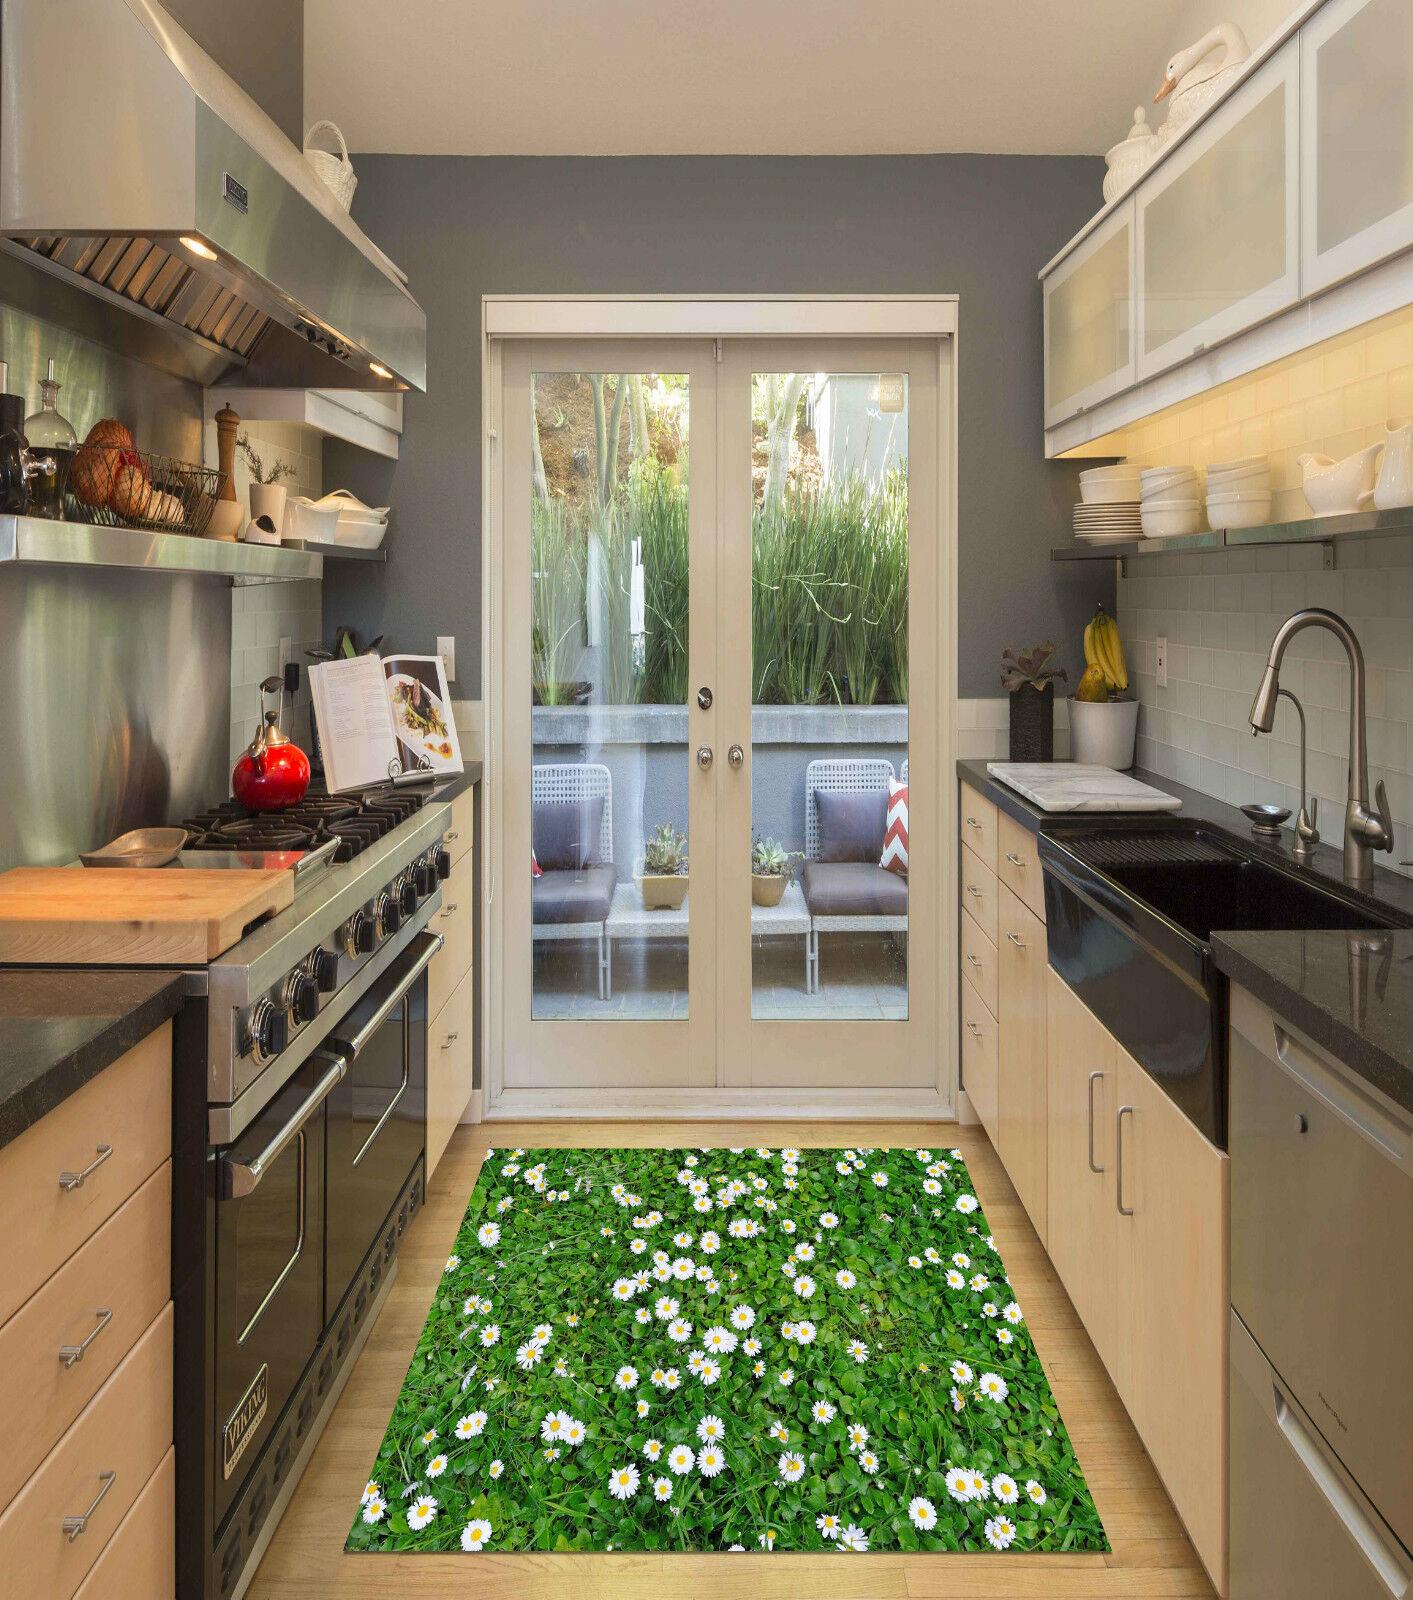 3d Grass Grass Grass Flowers Kitchen Mat Floor Murals Wall Print